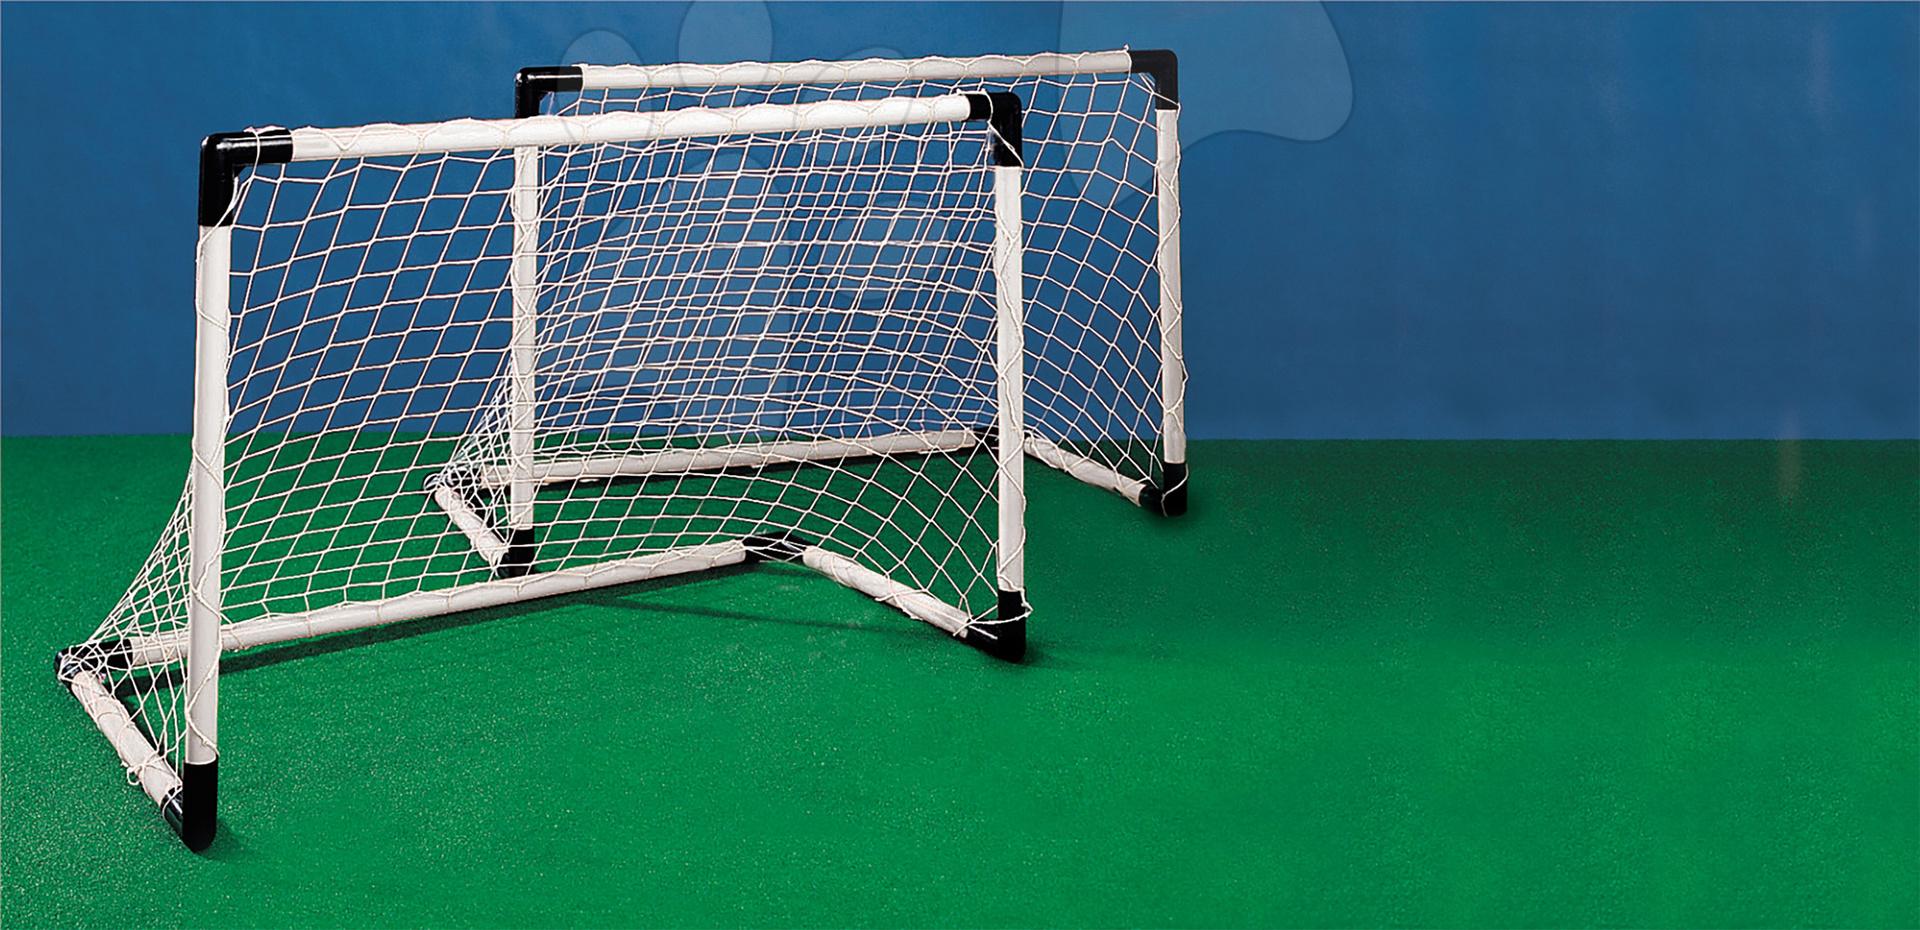 Futbal - Futbalové bránky Mondo dve s loptou šírka 91,5 cm od 5 rokov